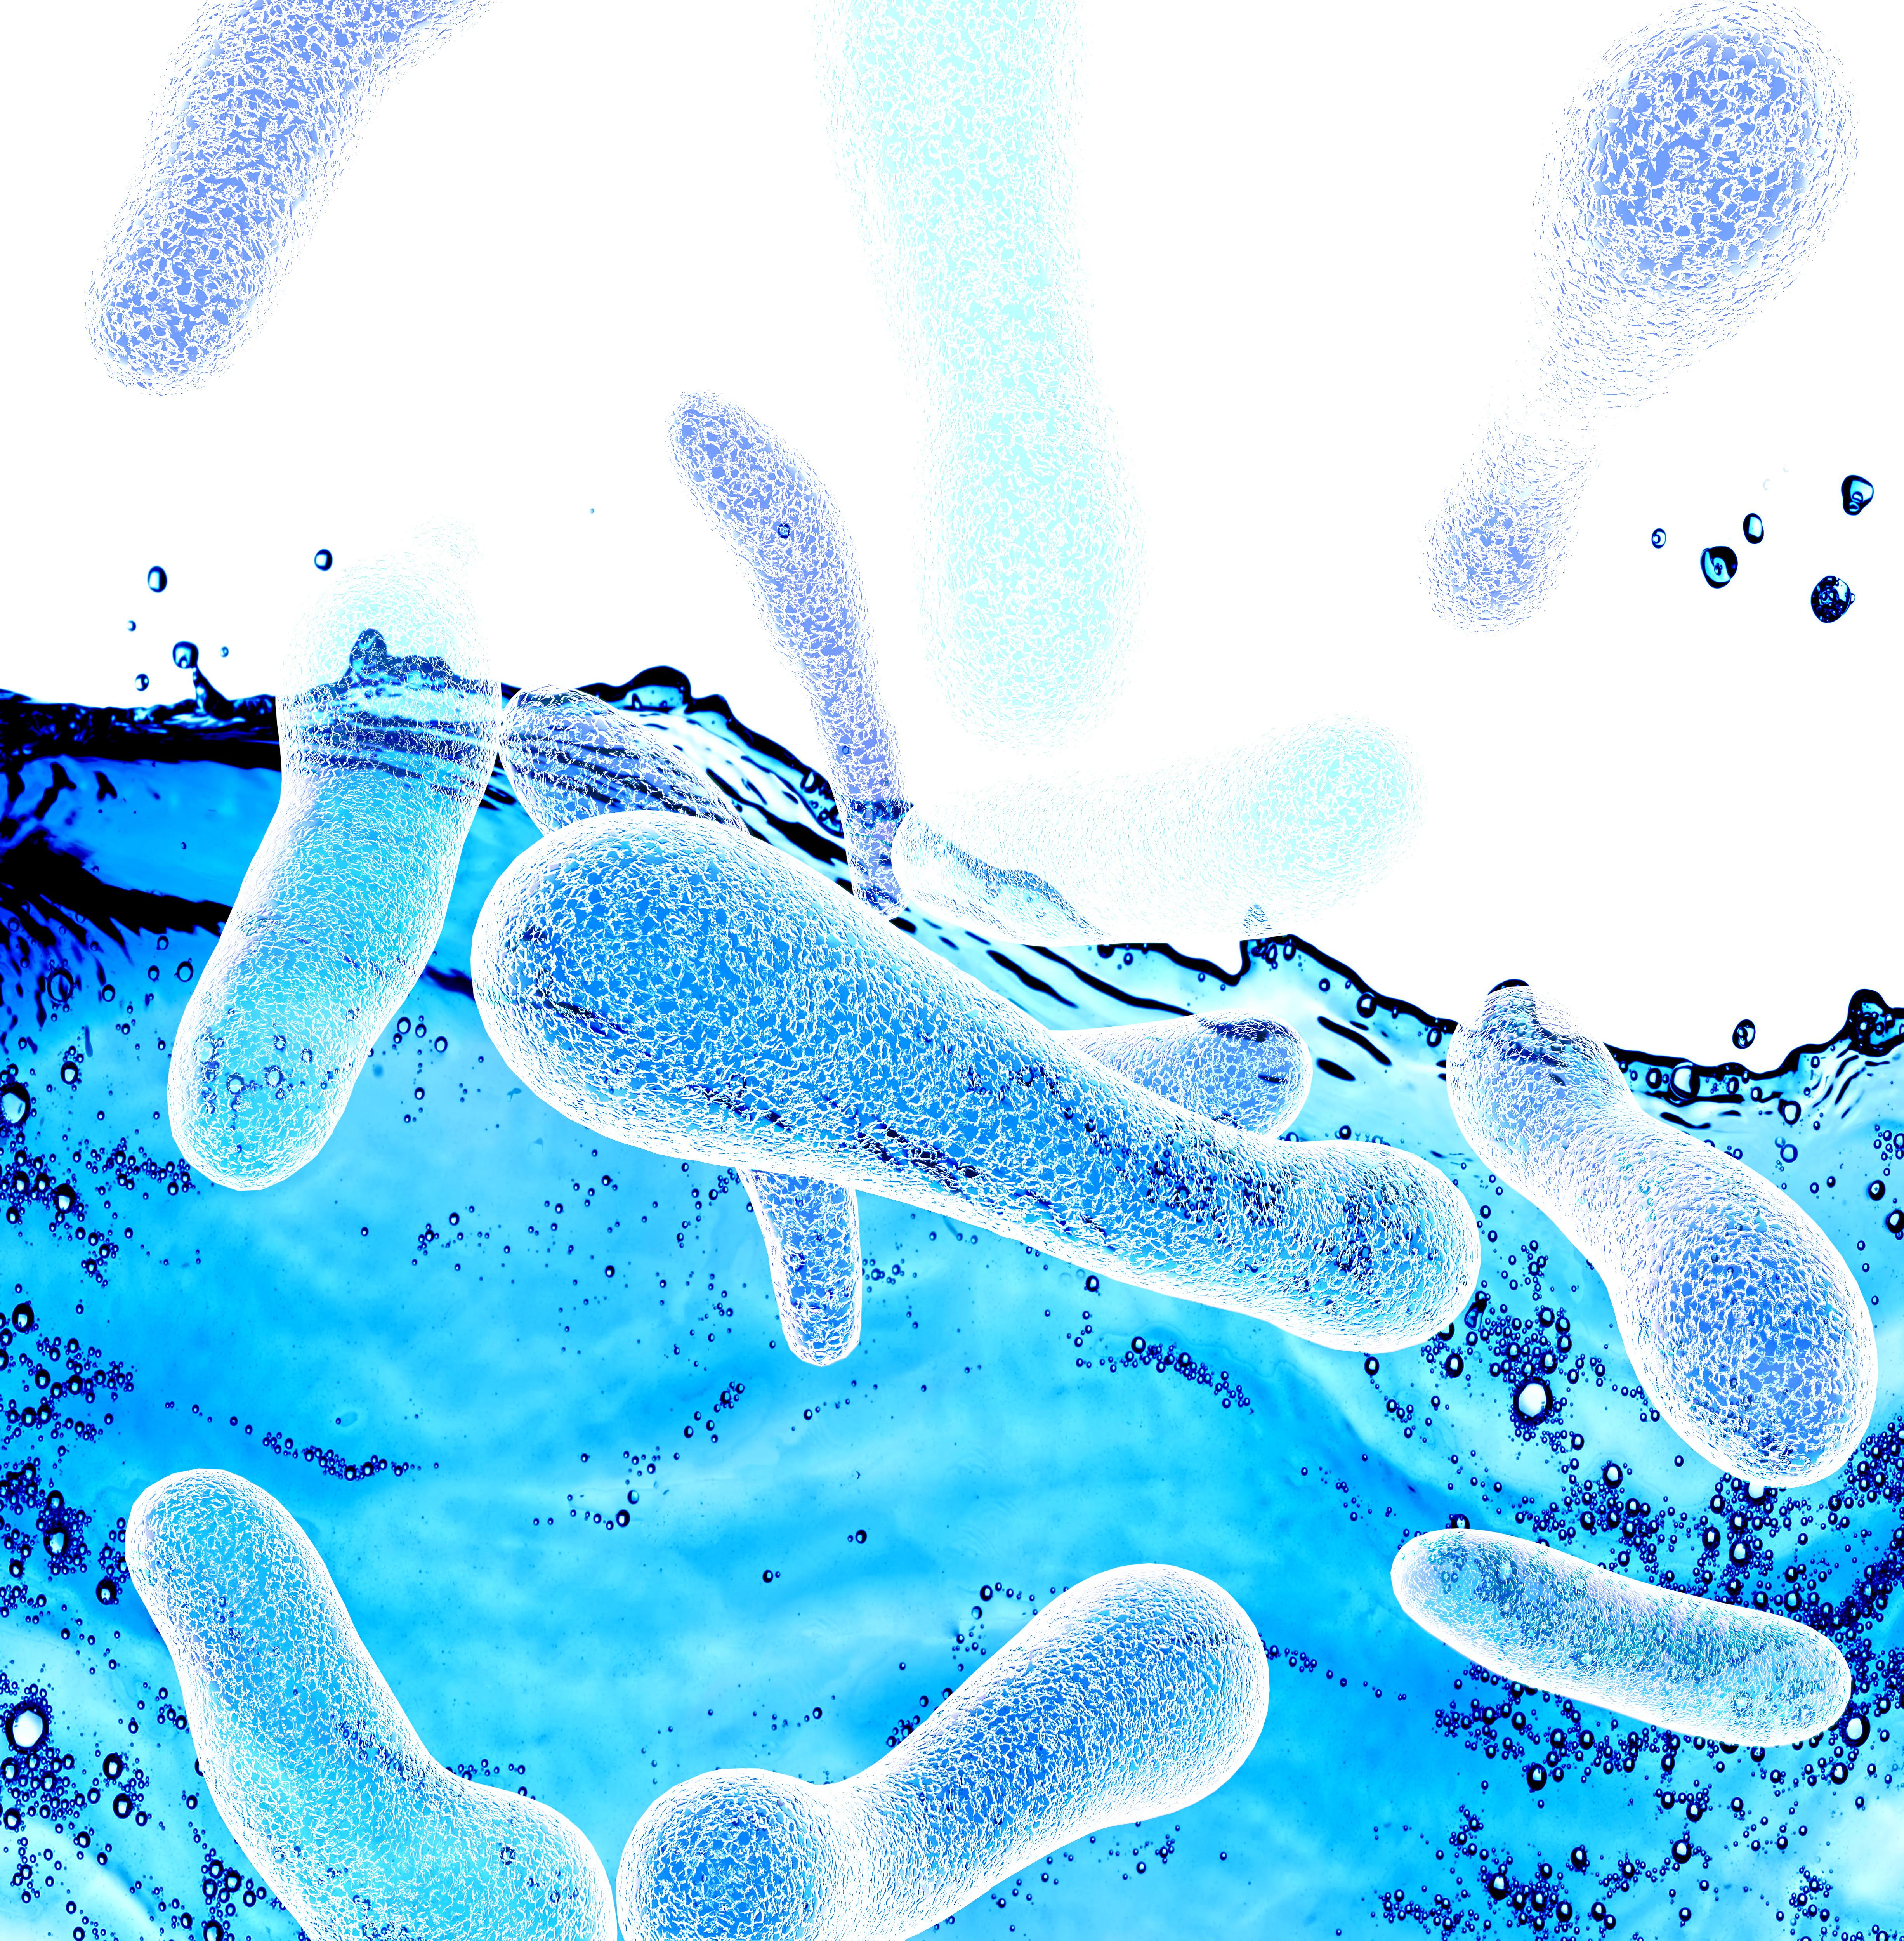 Certaines bactéries du microbiote intestinal peuvent s'accumuler dans les tumeurs et améliorer l'efficacité de l'immunothérapie.